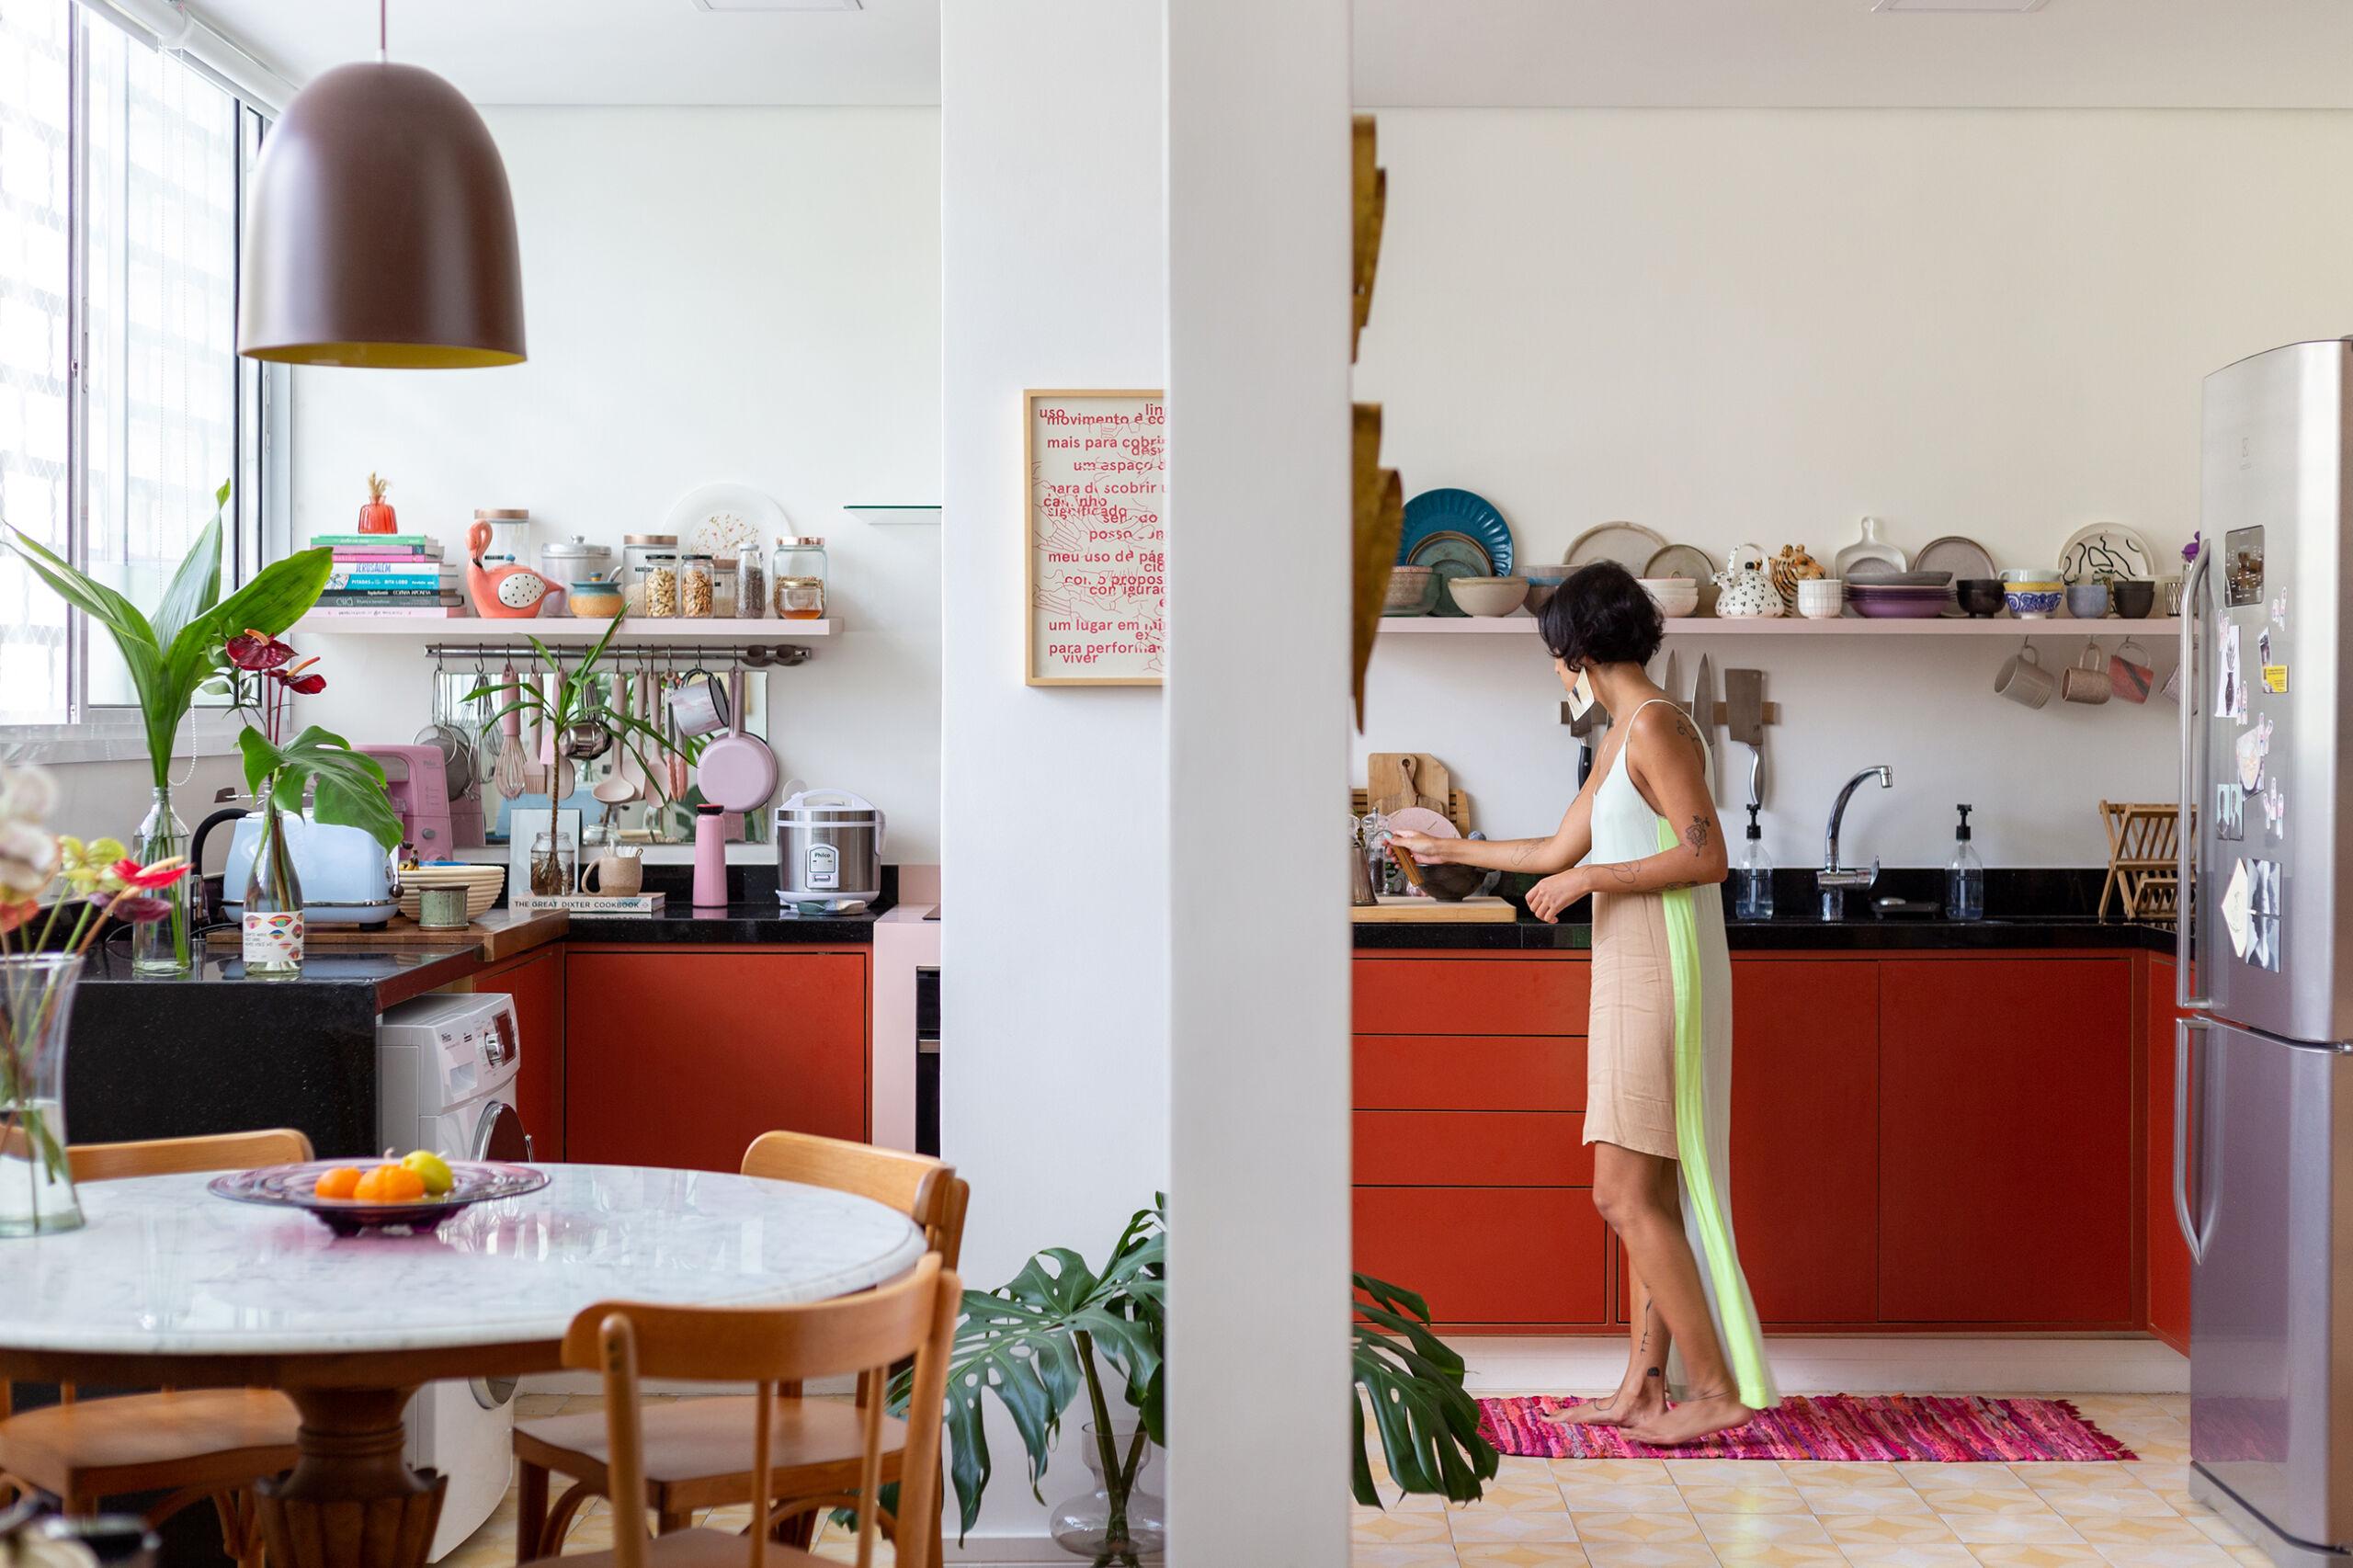 cozinha integrada com cozinha